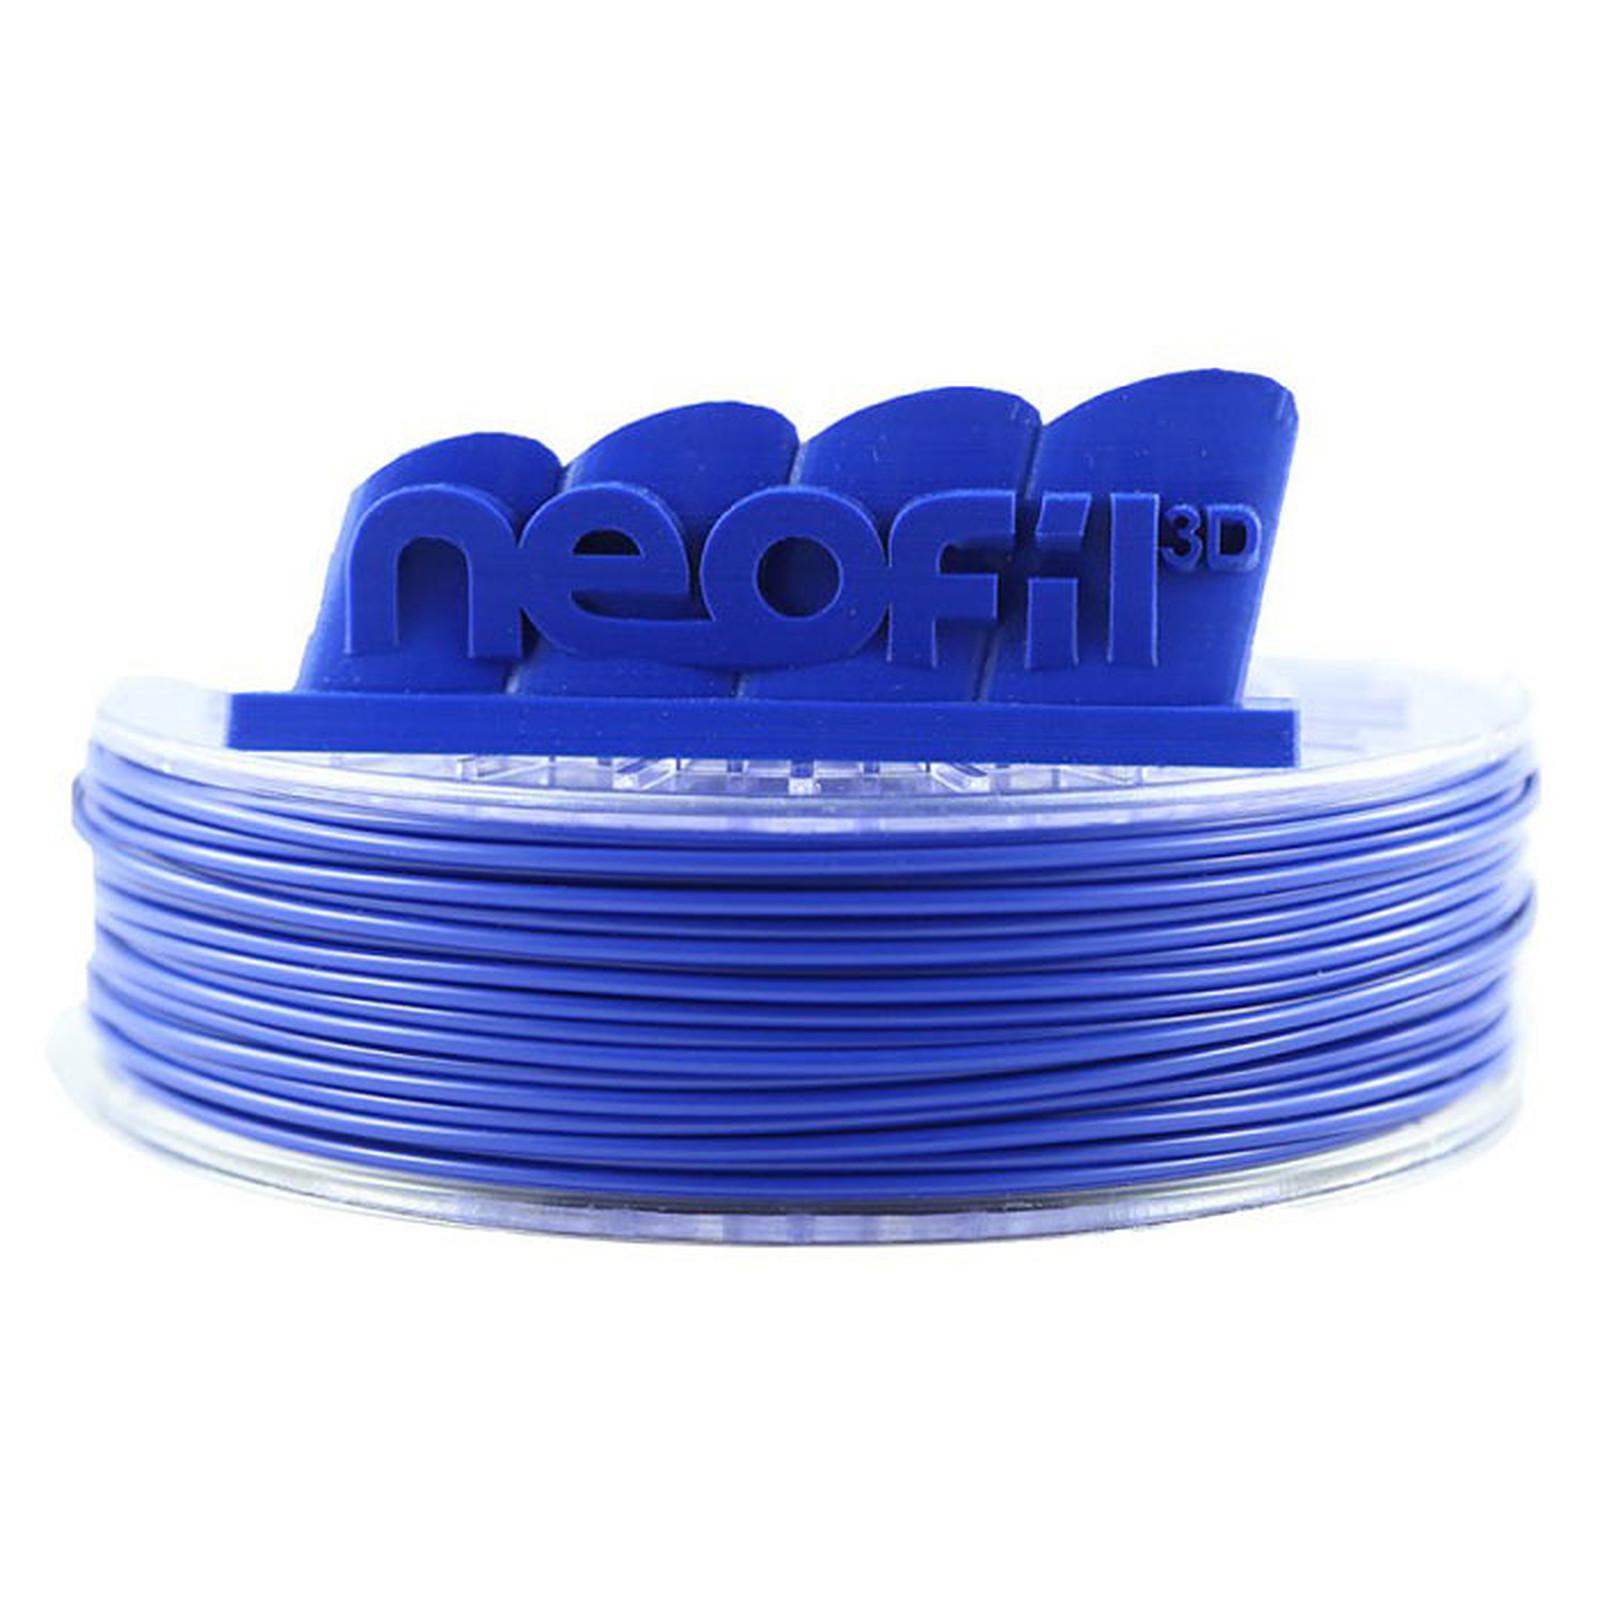 Neofil3D Bobine ABS 2.85mm 750g - Bleu foncé